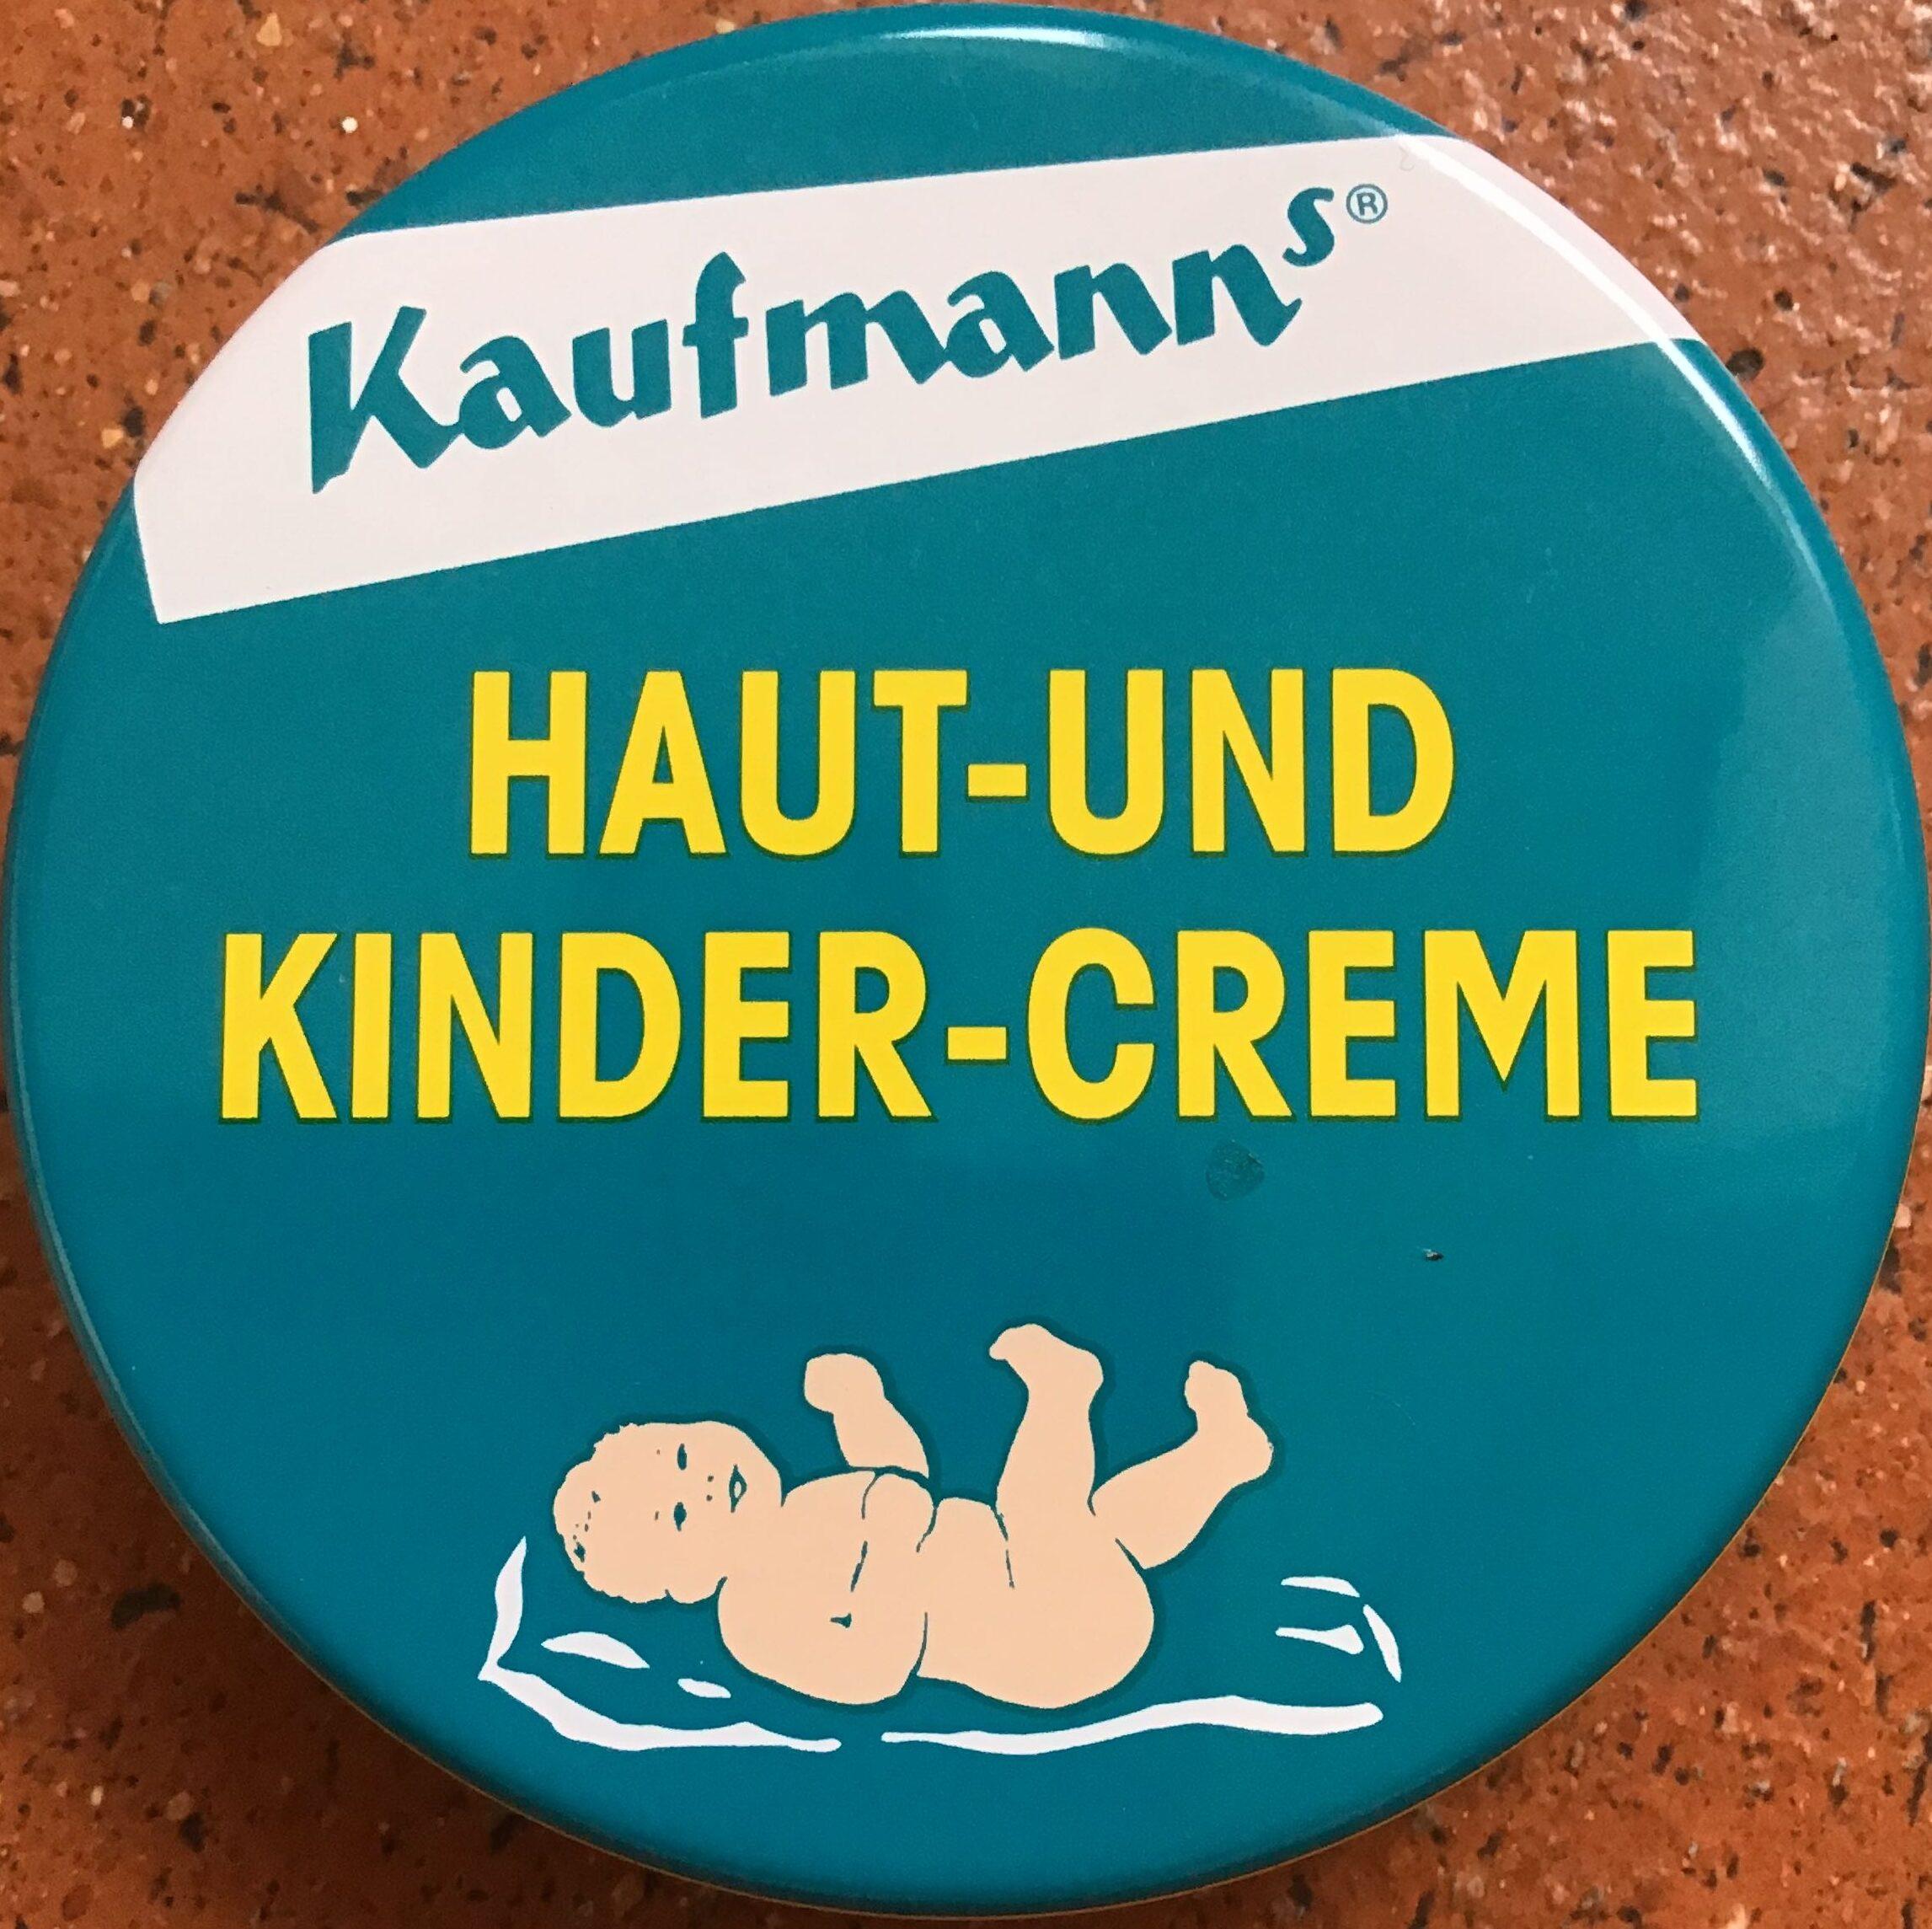 Haut- und Kinder-Creme - Product - de